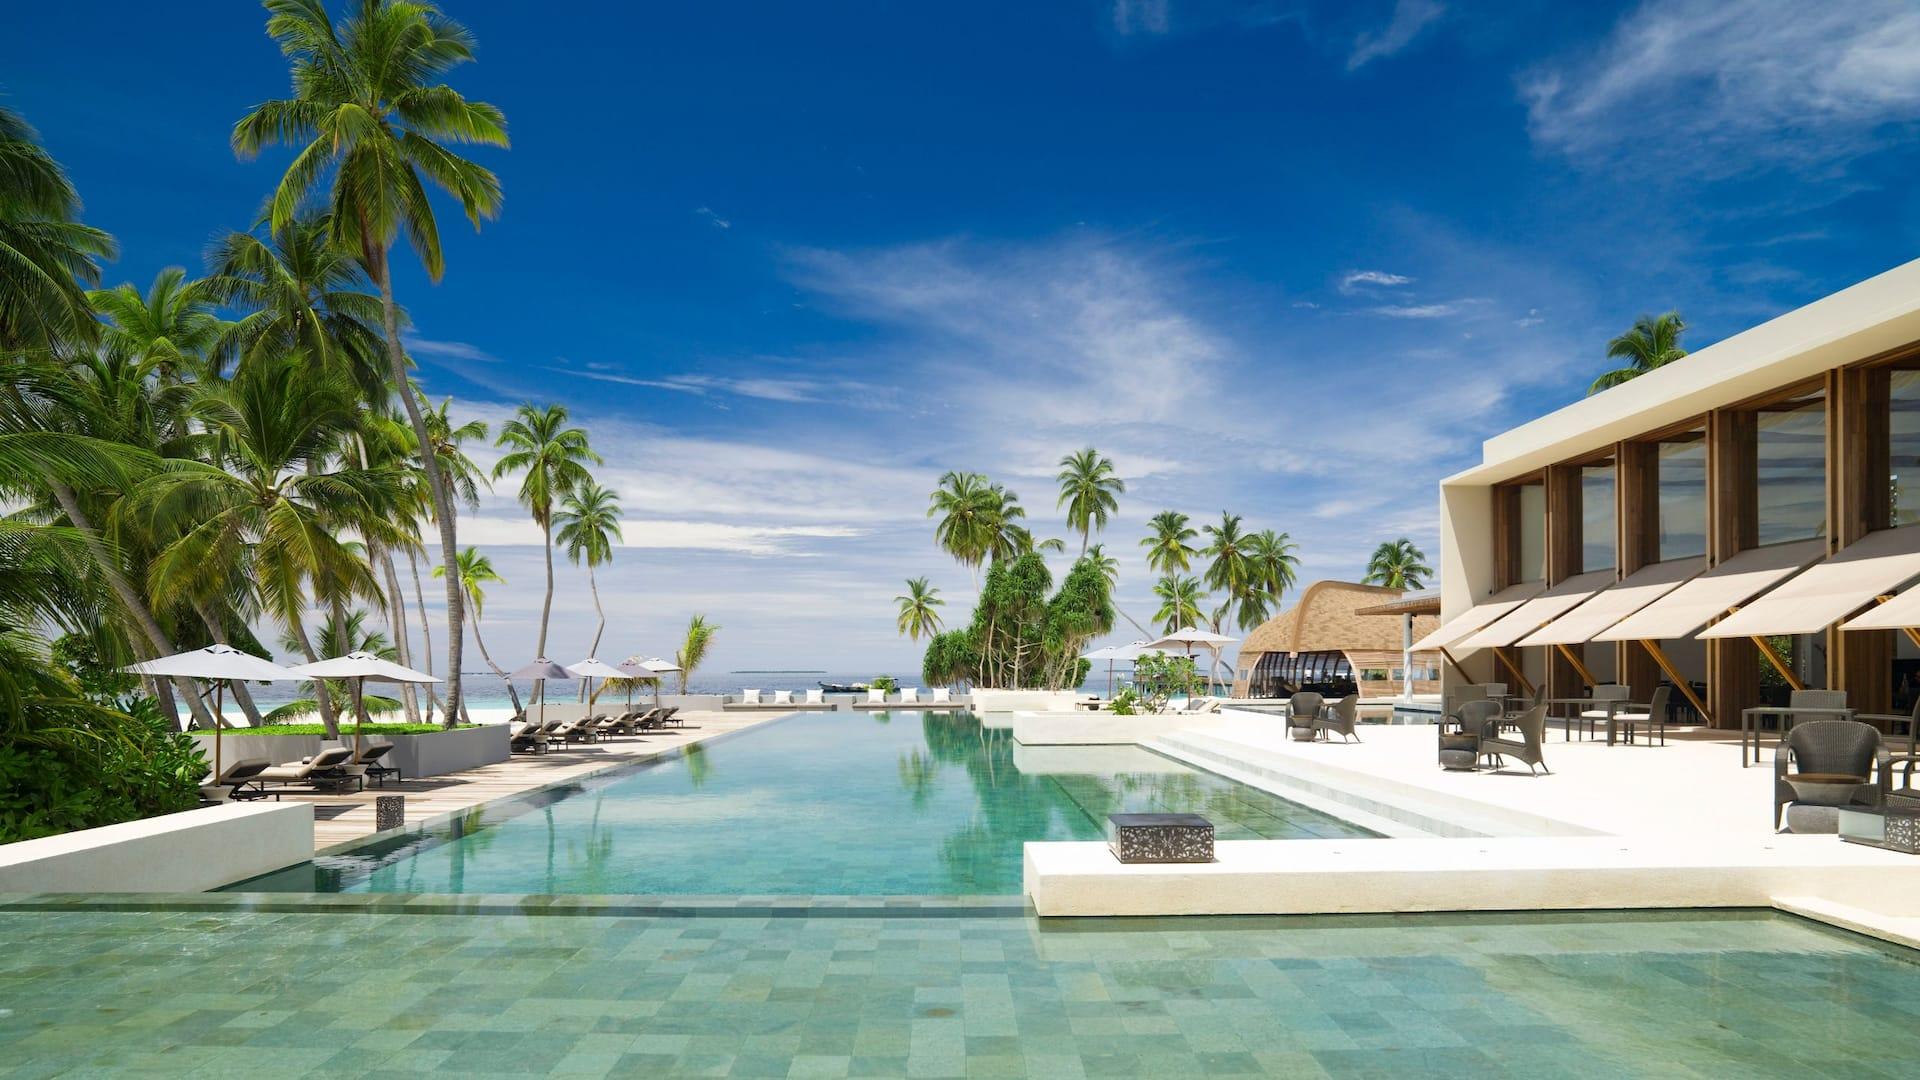 Luxury Maldives resort pool